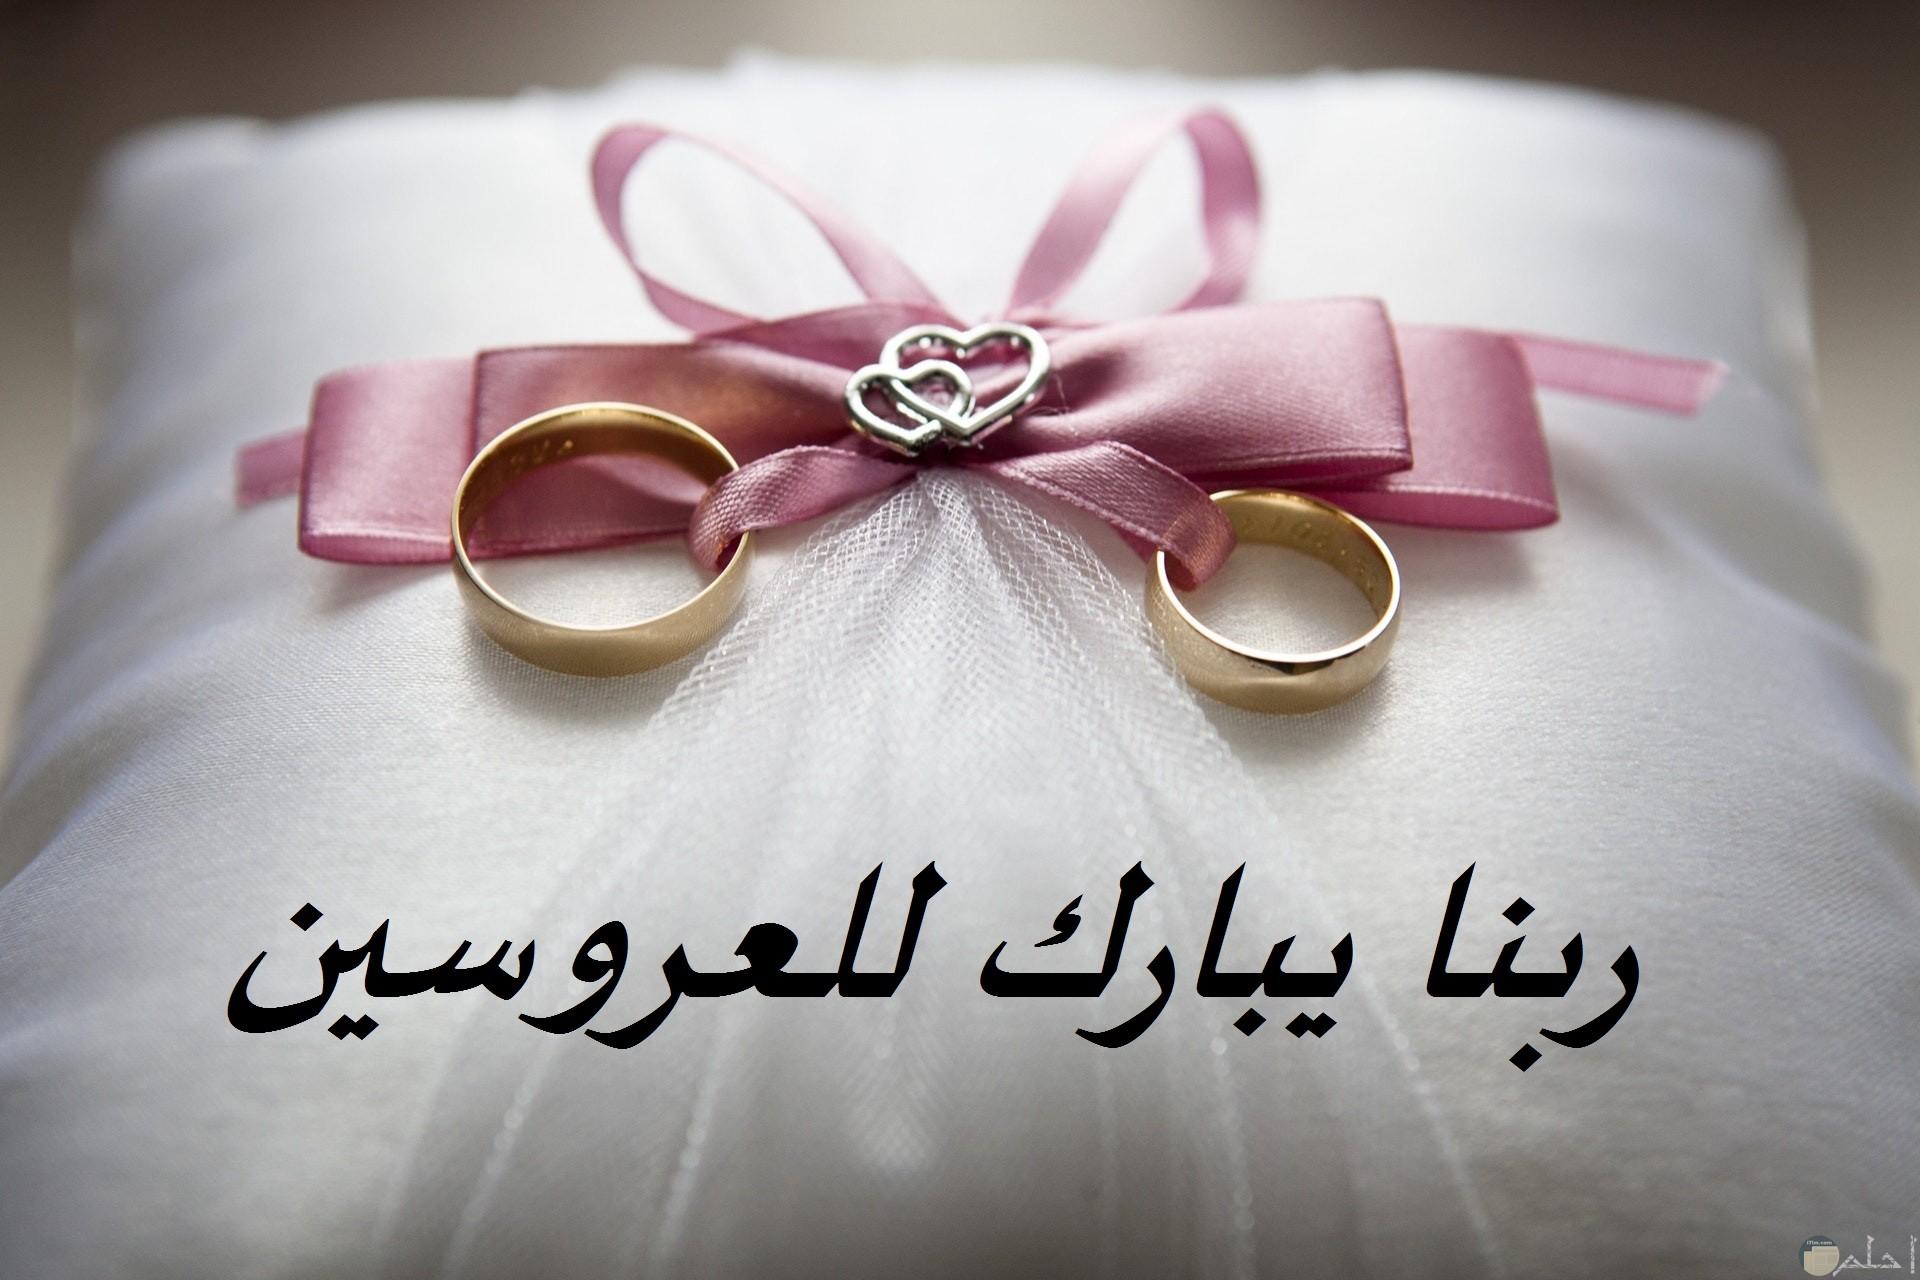 صورة مميزة مكتوب عليها دعاء للعروسين بأن يبارك الله لهما